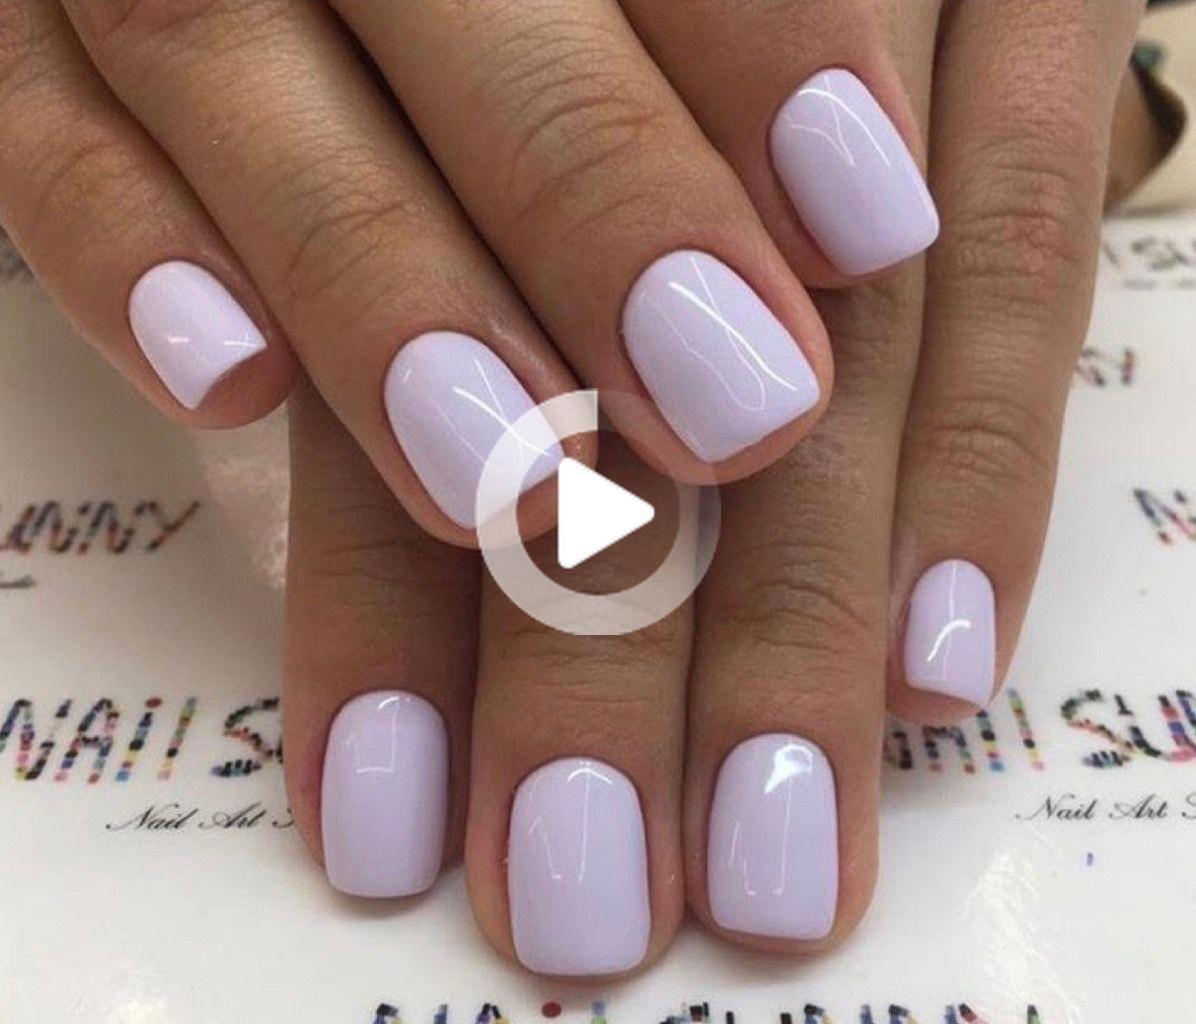 Kurze, natürliche quadratische Nägel, bedeckt mit einer dekadenten, undurchsichtigen Lavendelglasur. Herrlich.